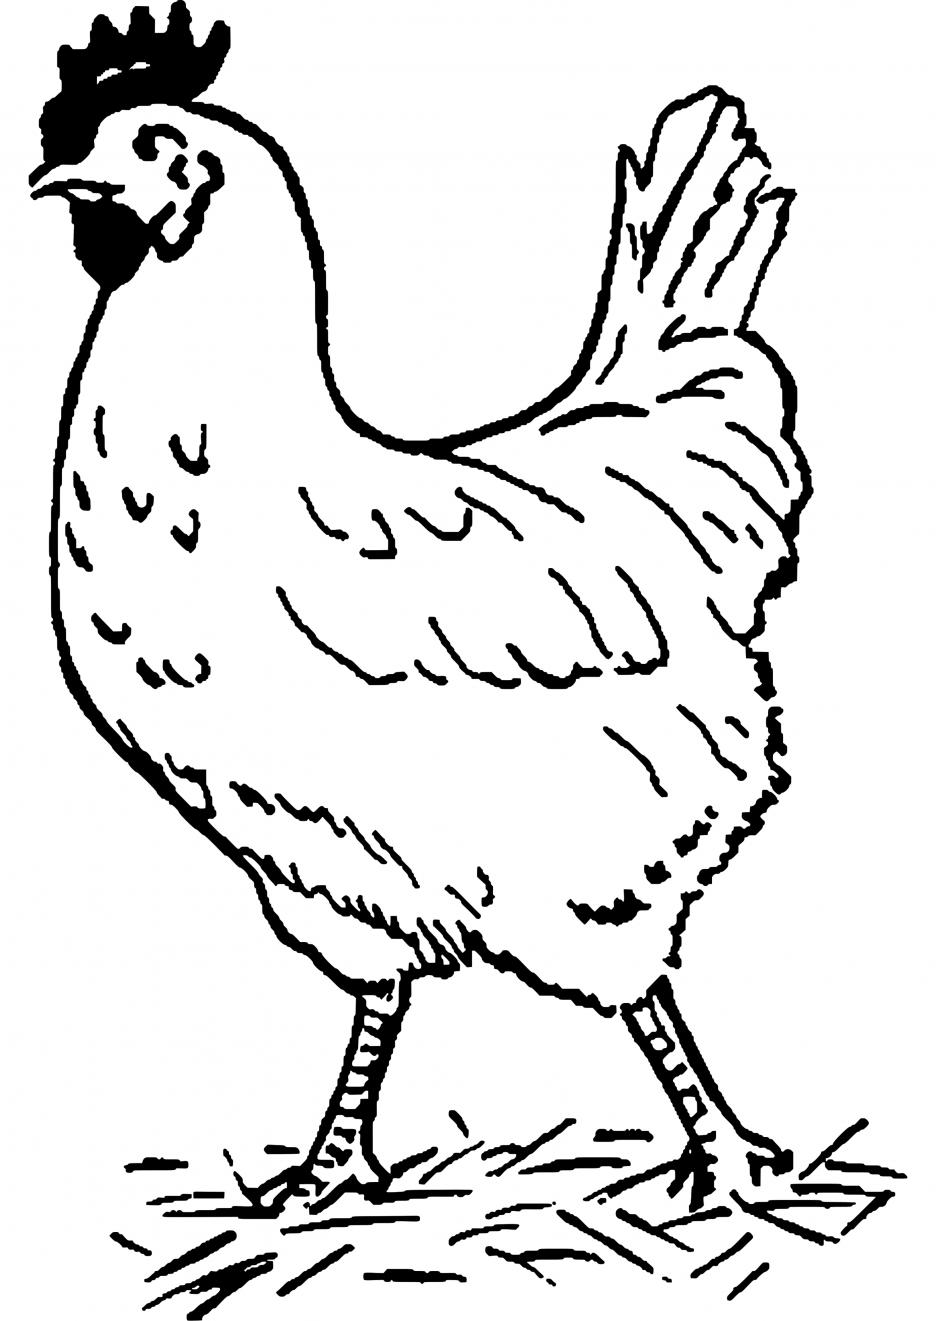 Animaux dessins colorier coloriage poule imprimer est une activite tres importante super - Poules dessin ...